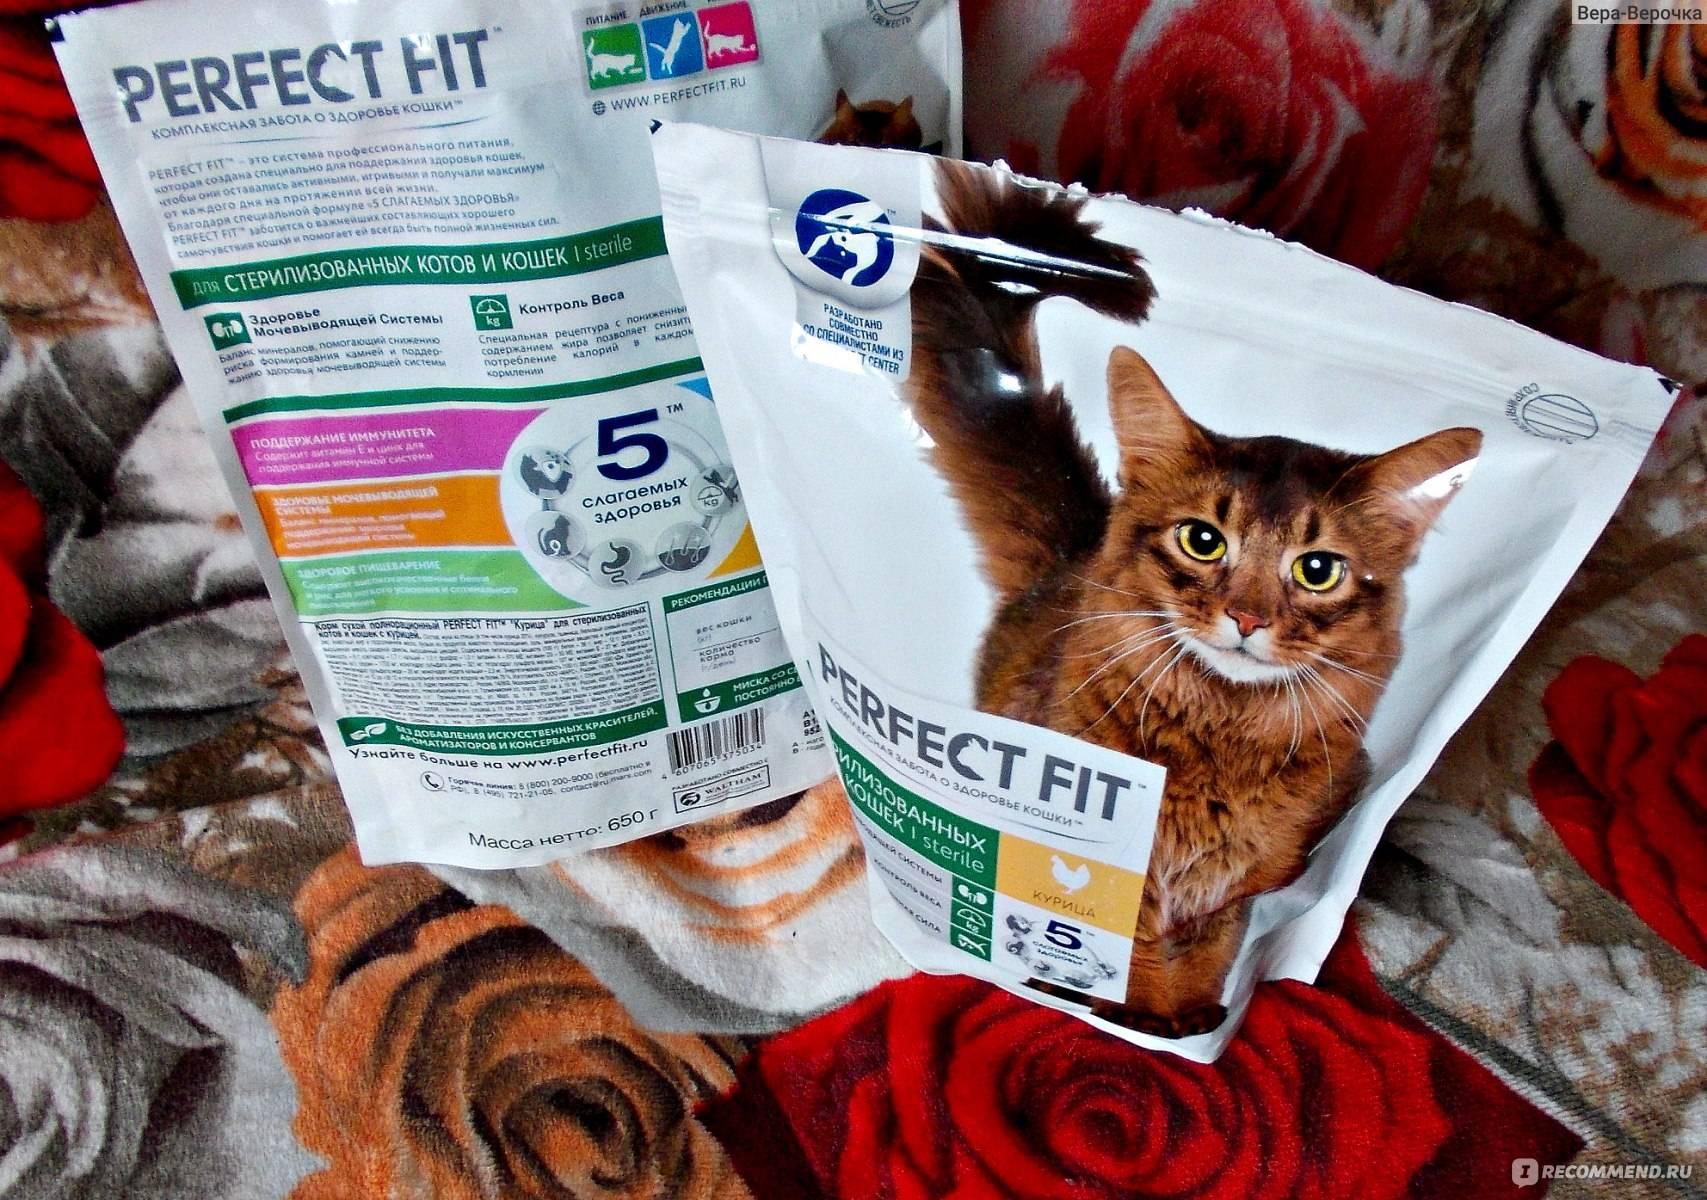 Корм для кошек perfect fit («перфект фит»): отзывы ветеринаров и владельцев животных о нем, его состав и виды, плюсы и минусы